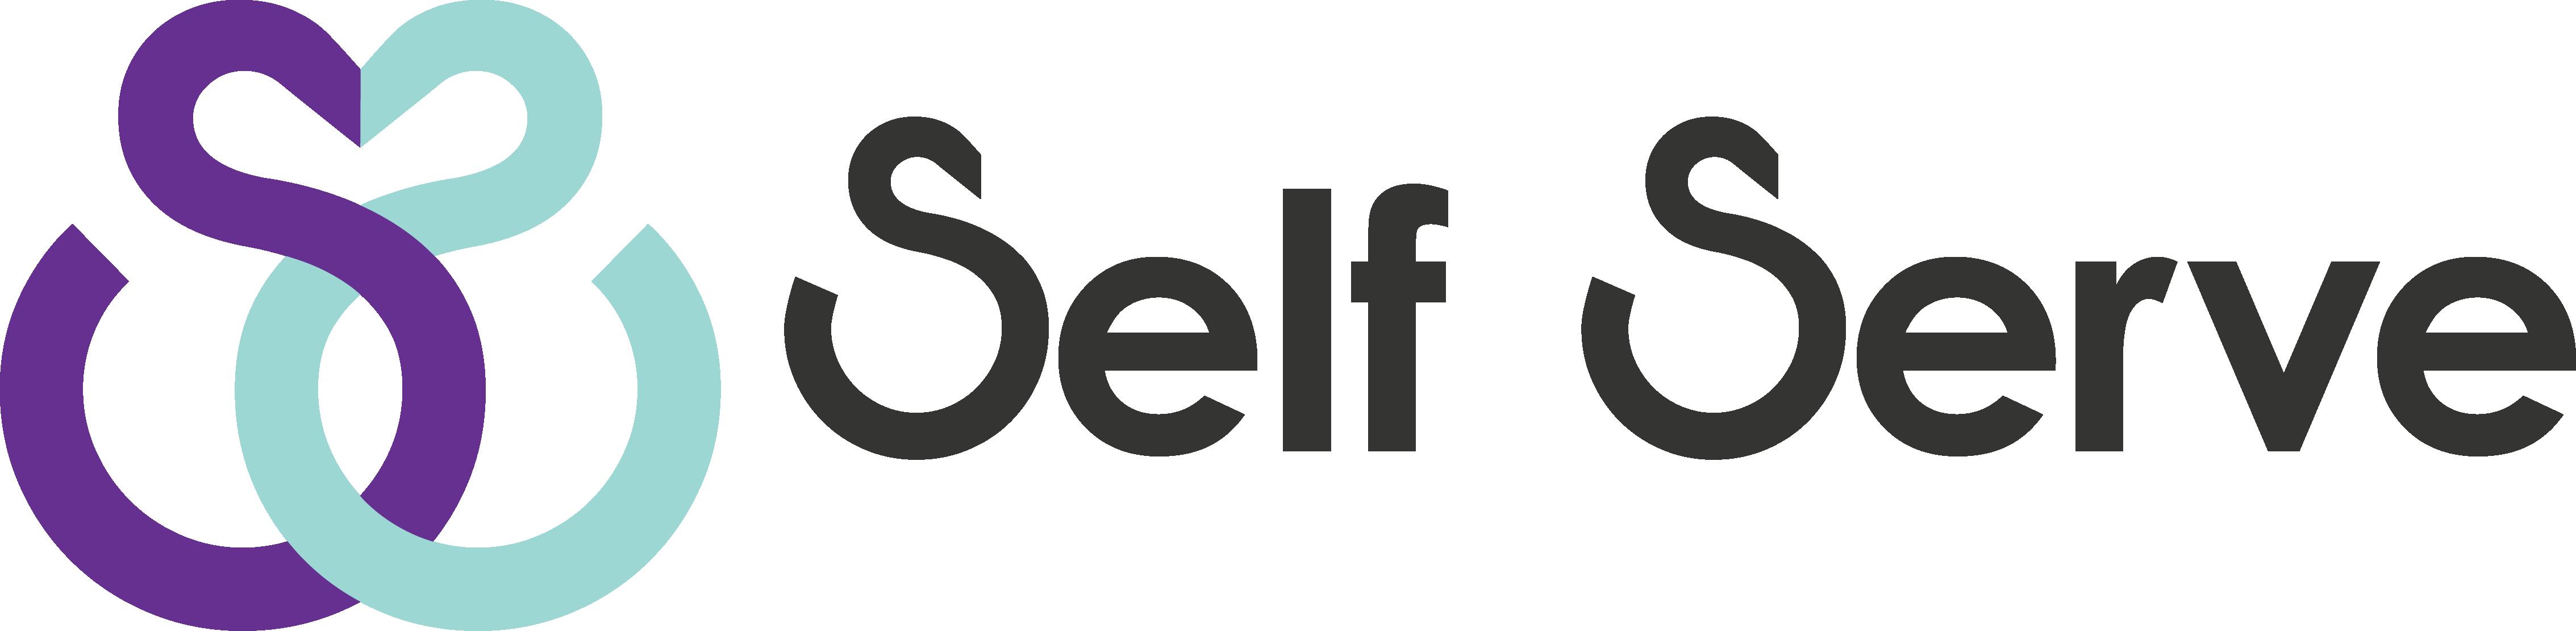 Self Serve